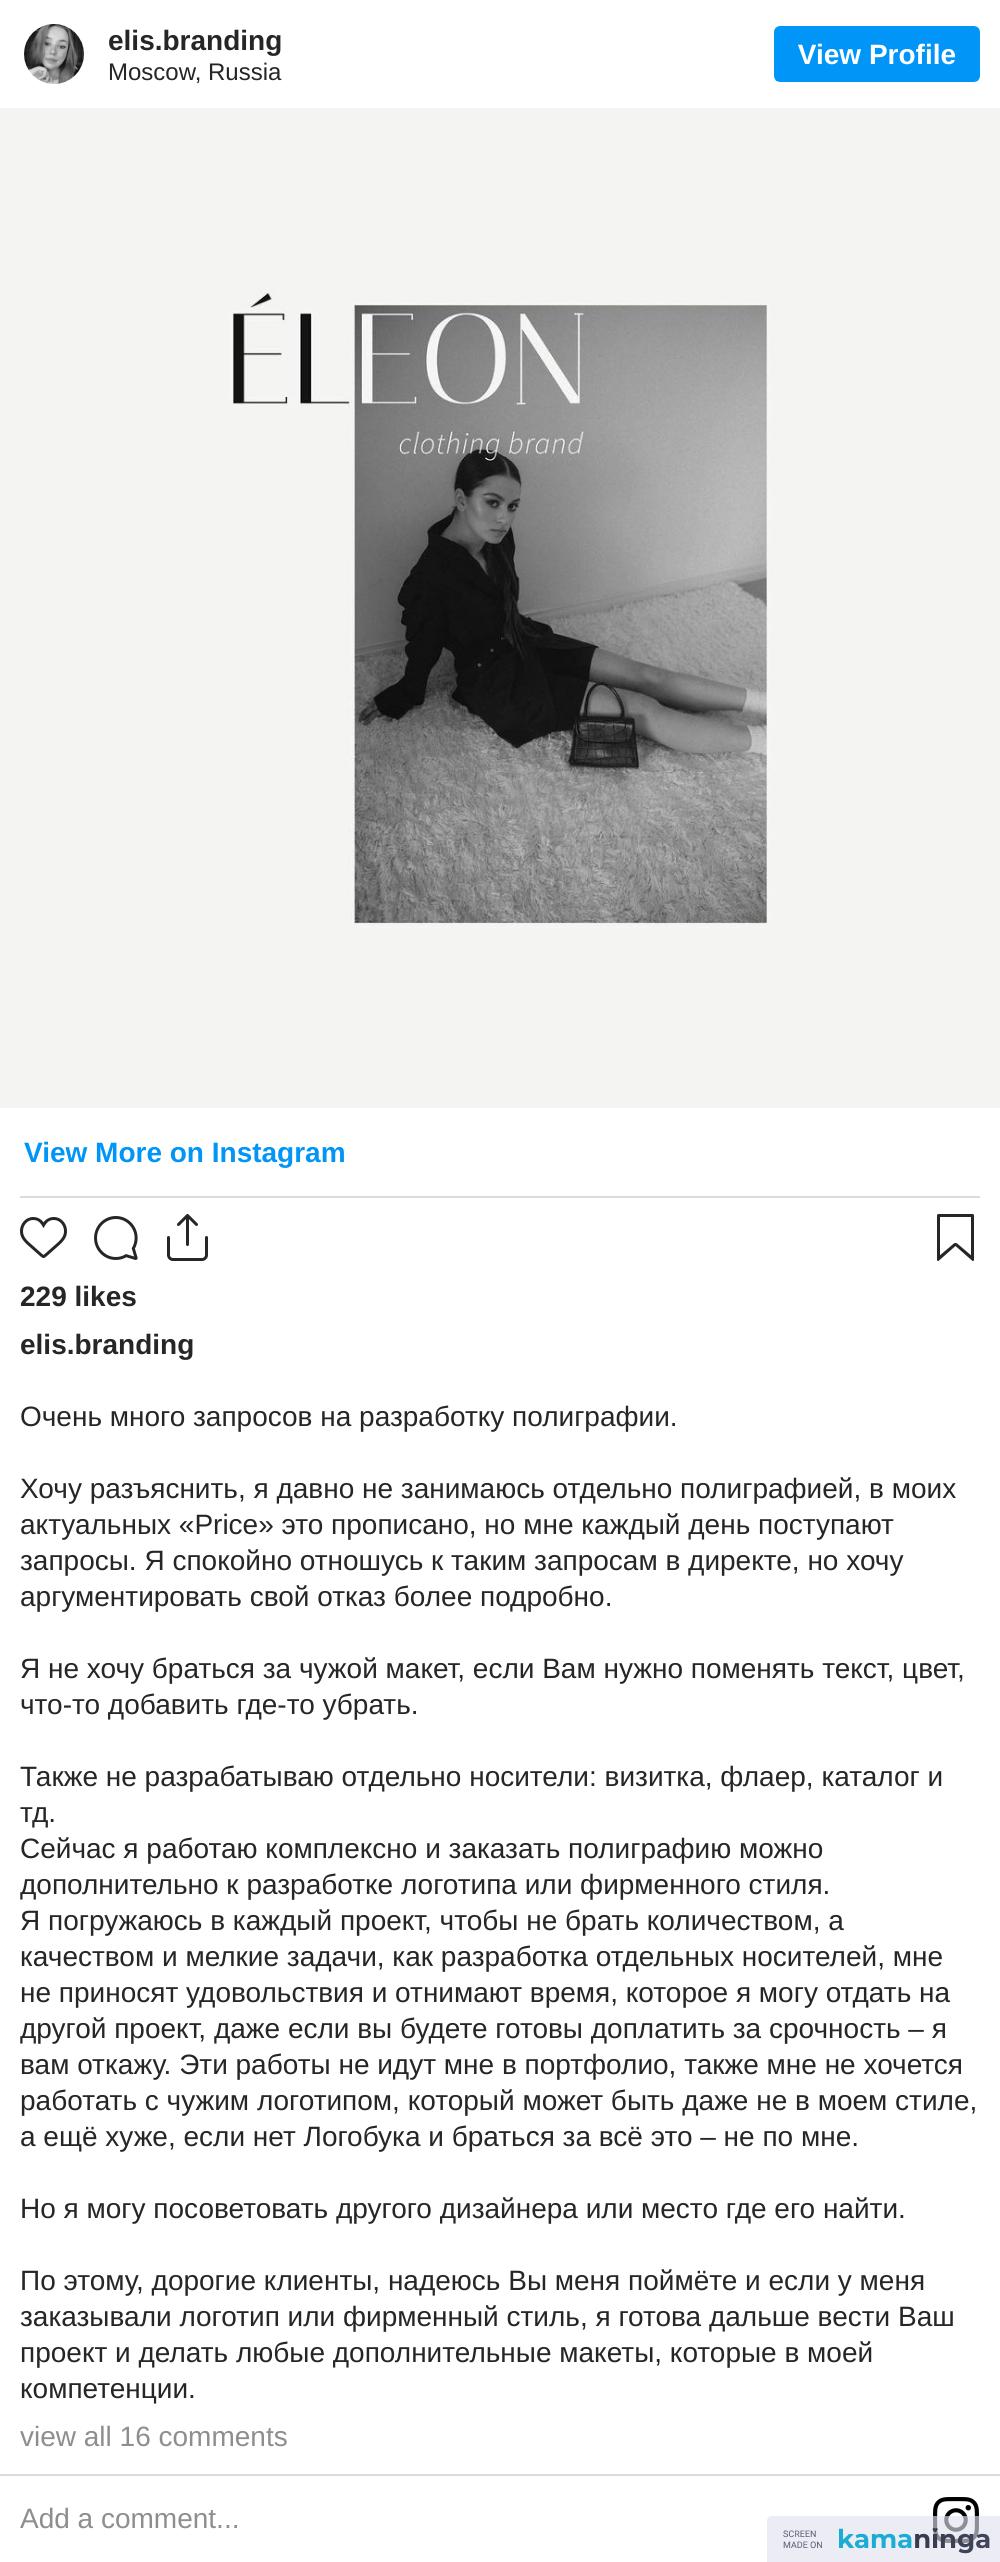 https://www.instagram.com/p/CQp-QnvDWnc/